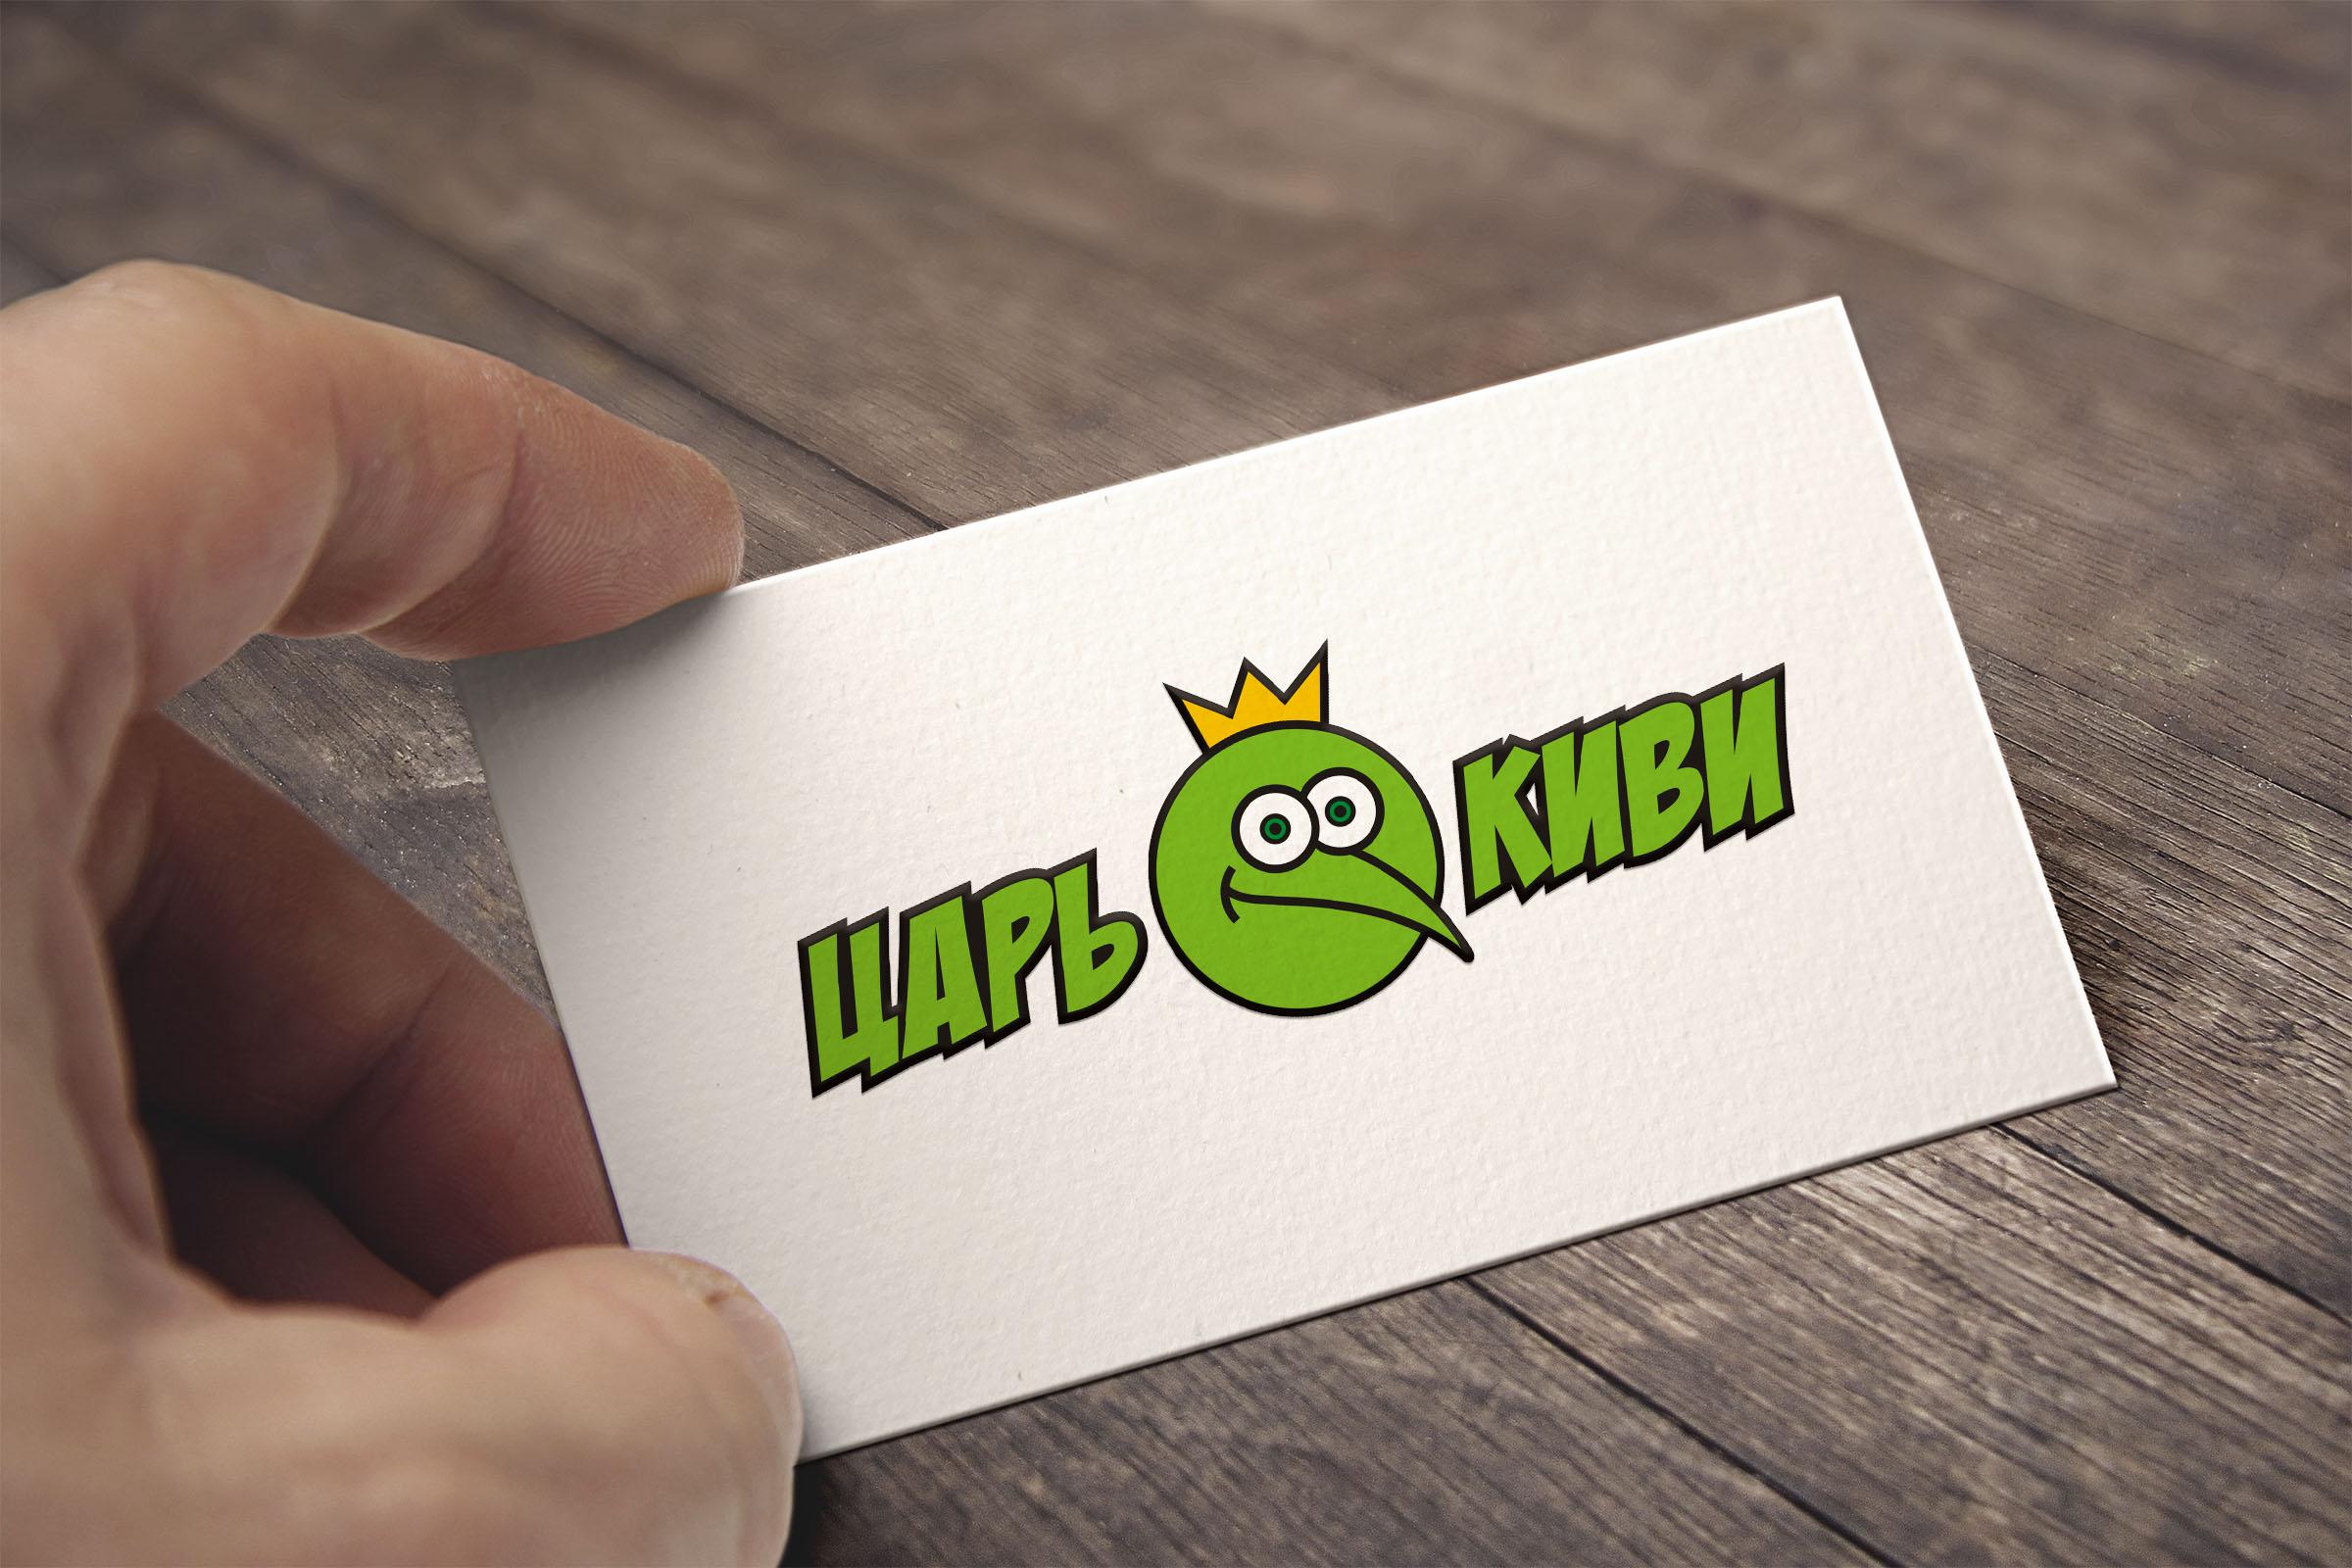 """Доработать дизайн логотипа кафе-кондитерской """"Царь-Киви"""" фото f_5325a0810b56c905.jpg"""